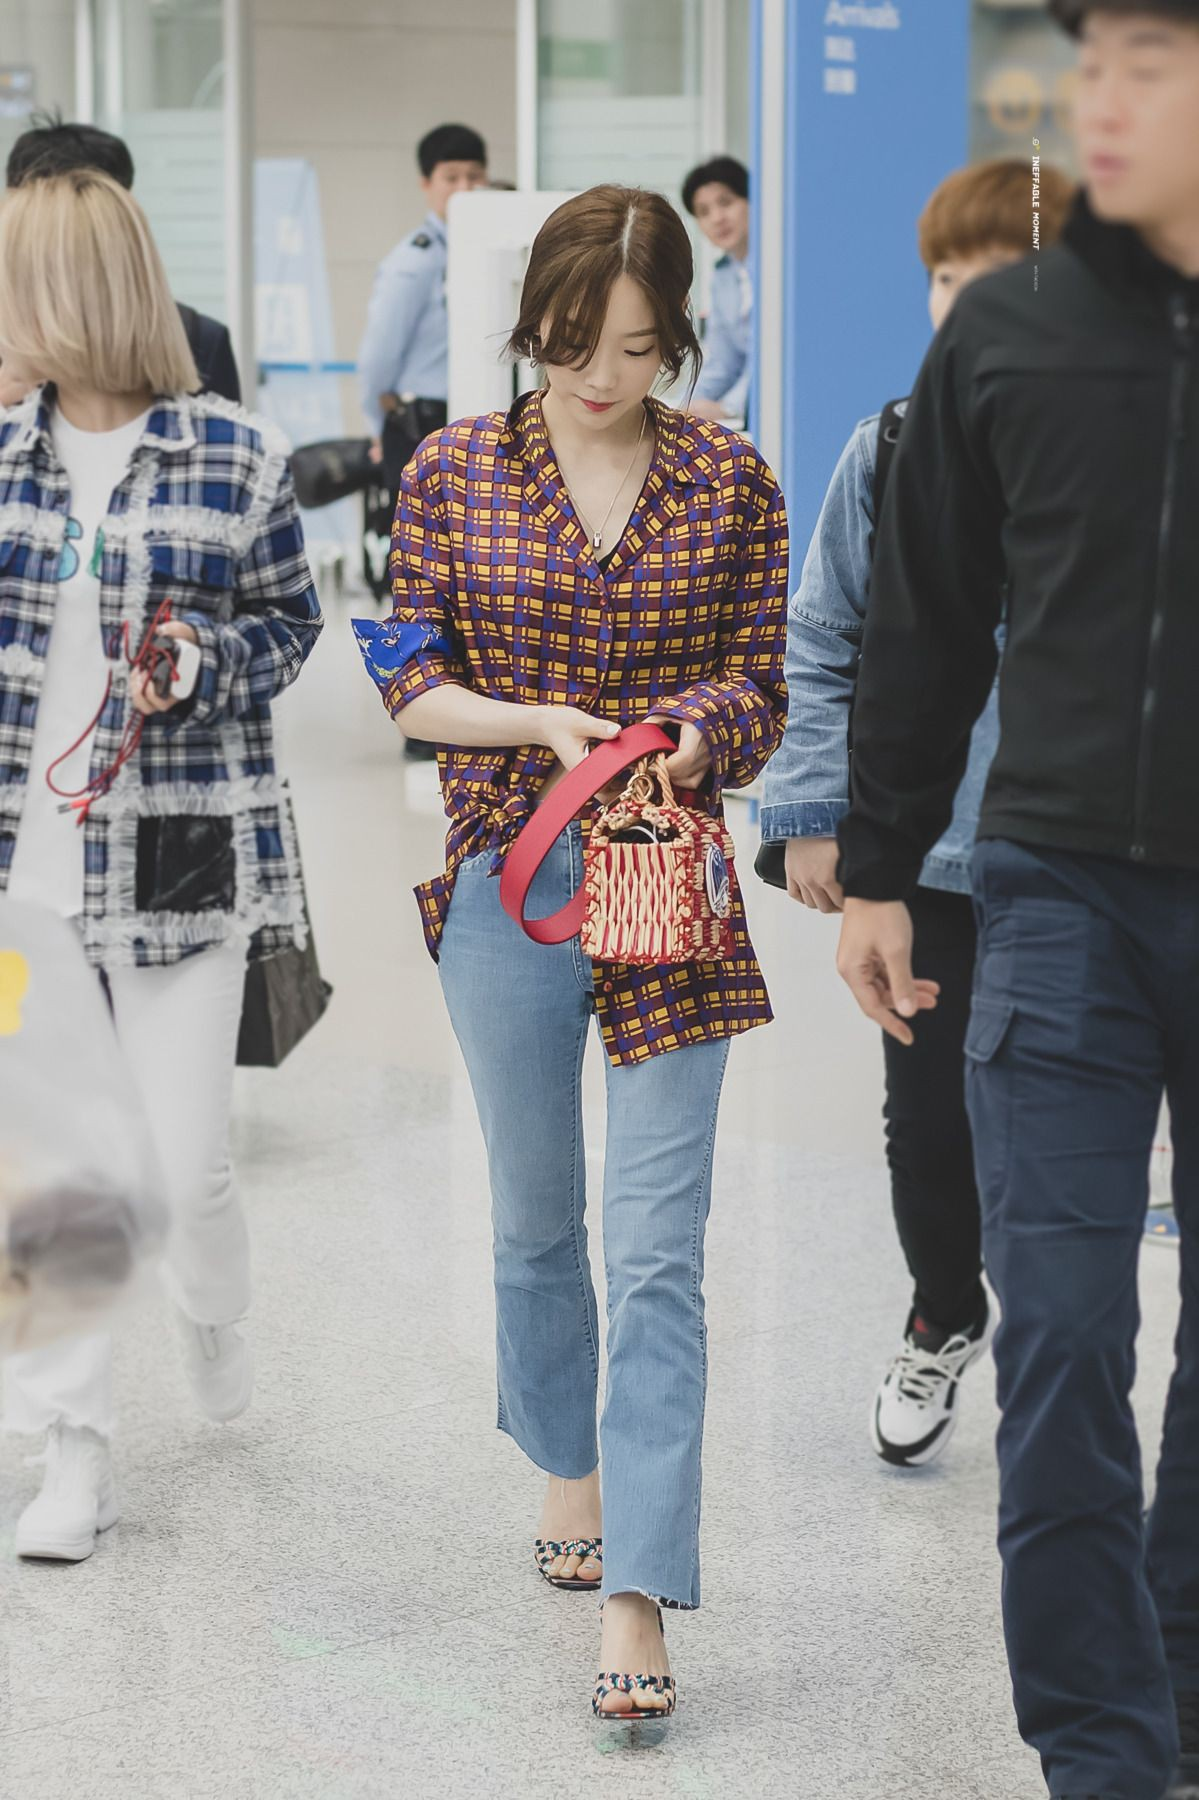 Chiều cao rất mực khiêm tốn nhưng 4 sao nữ Hàn này vẫn sở hữu phong cách thời trang đẹp hút hồn - Ảnh 23.